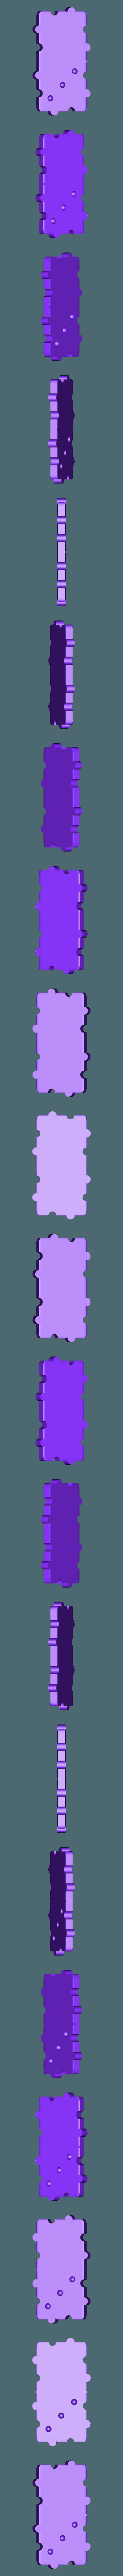 Ligne 3.stl Download STL file Domino 3D • 3D print design, graphismeMIH